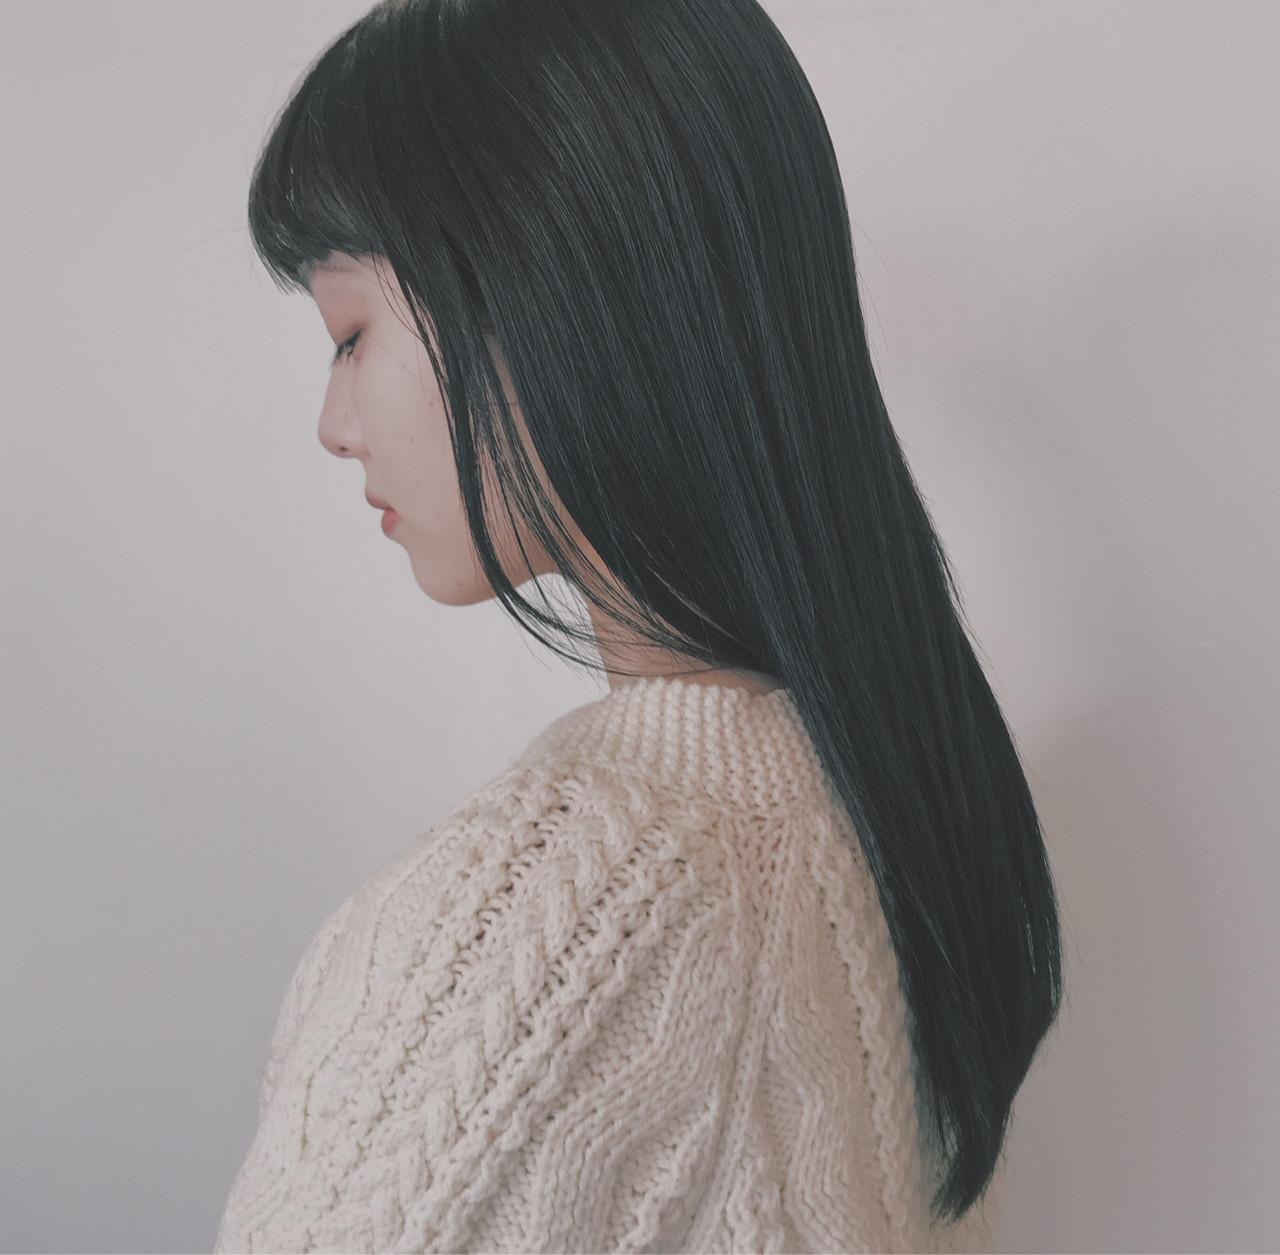 黒髪にも色んな種類がある?〈系統別〉ナリタイが見つかる、黒髪ヘアカタログ